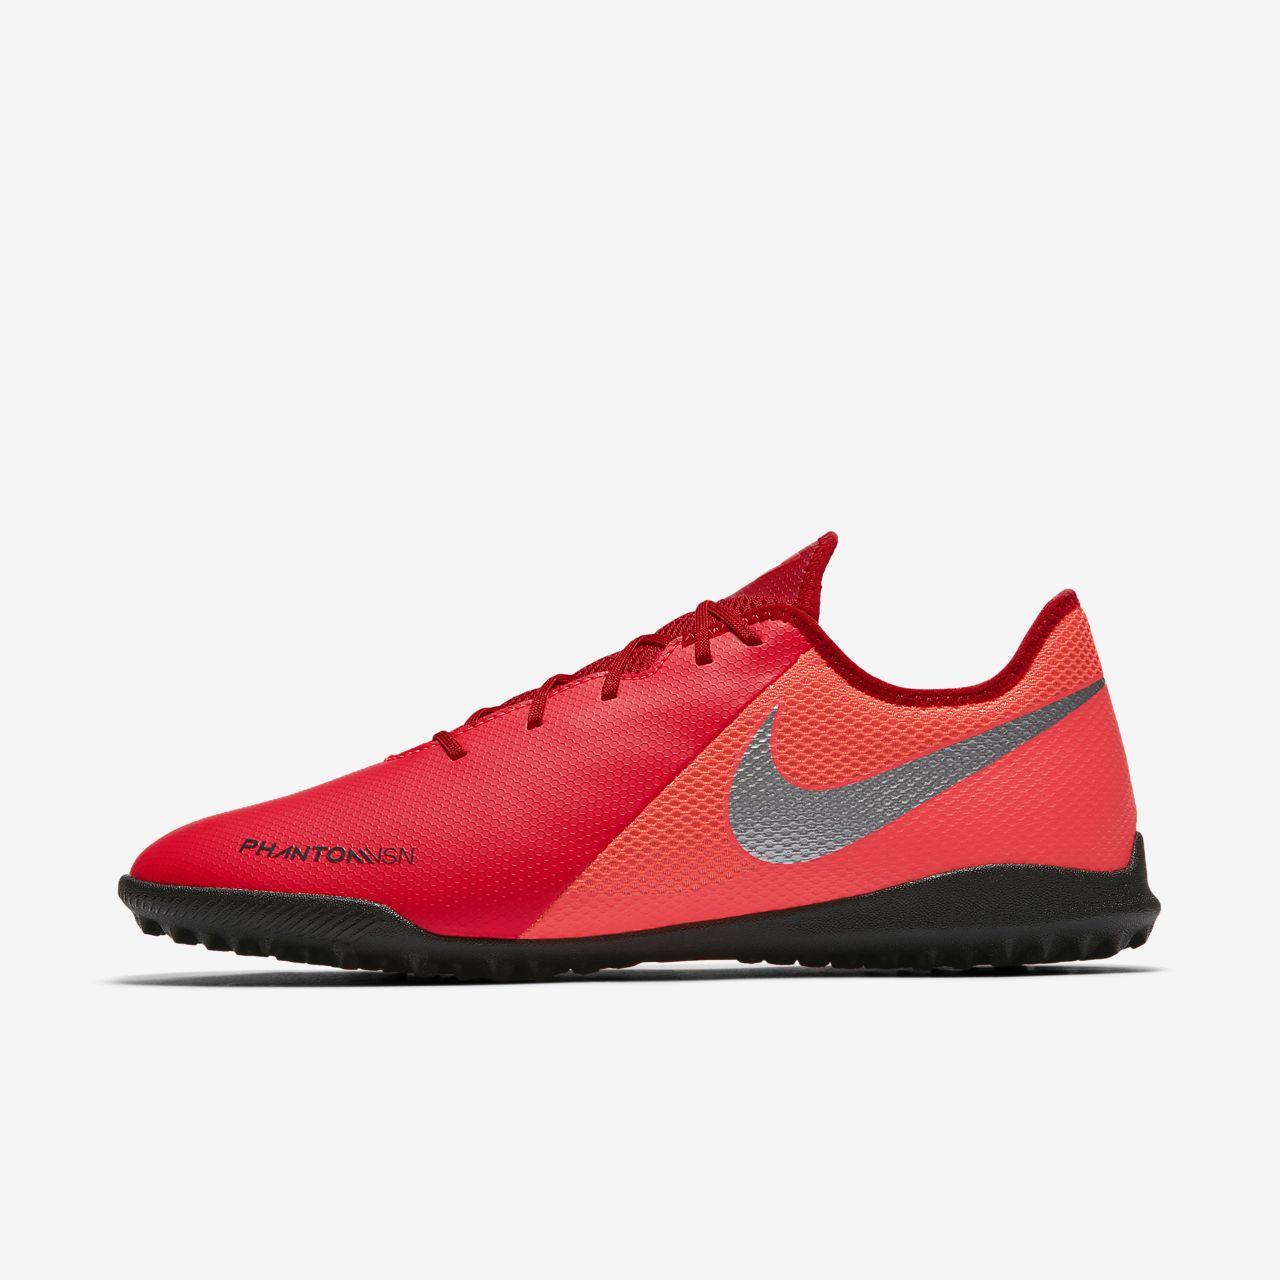 Nike Phantom Vision Academy műgyepre készült stoplis futballcipő ... 8f0fa5ff3d